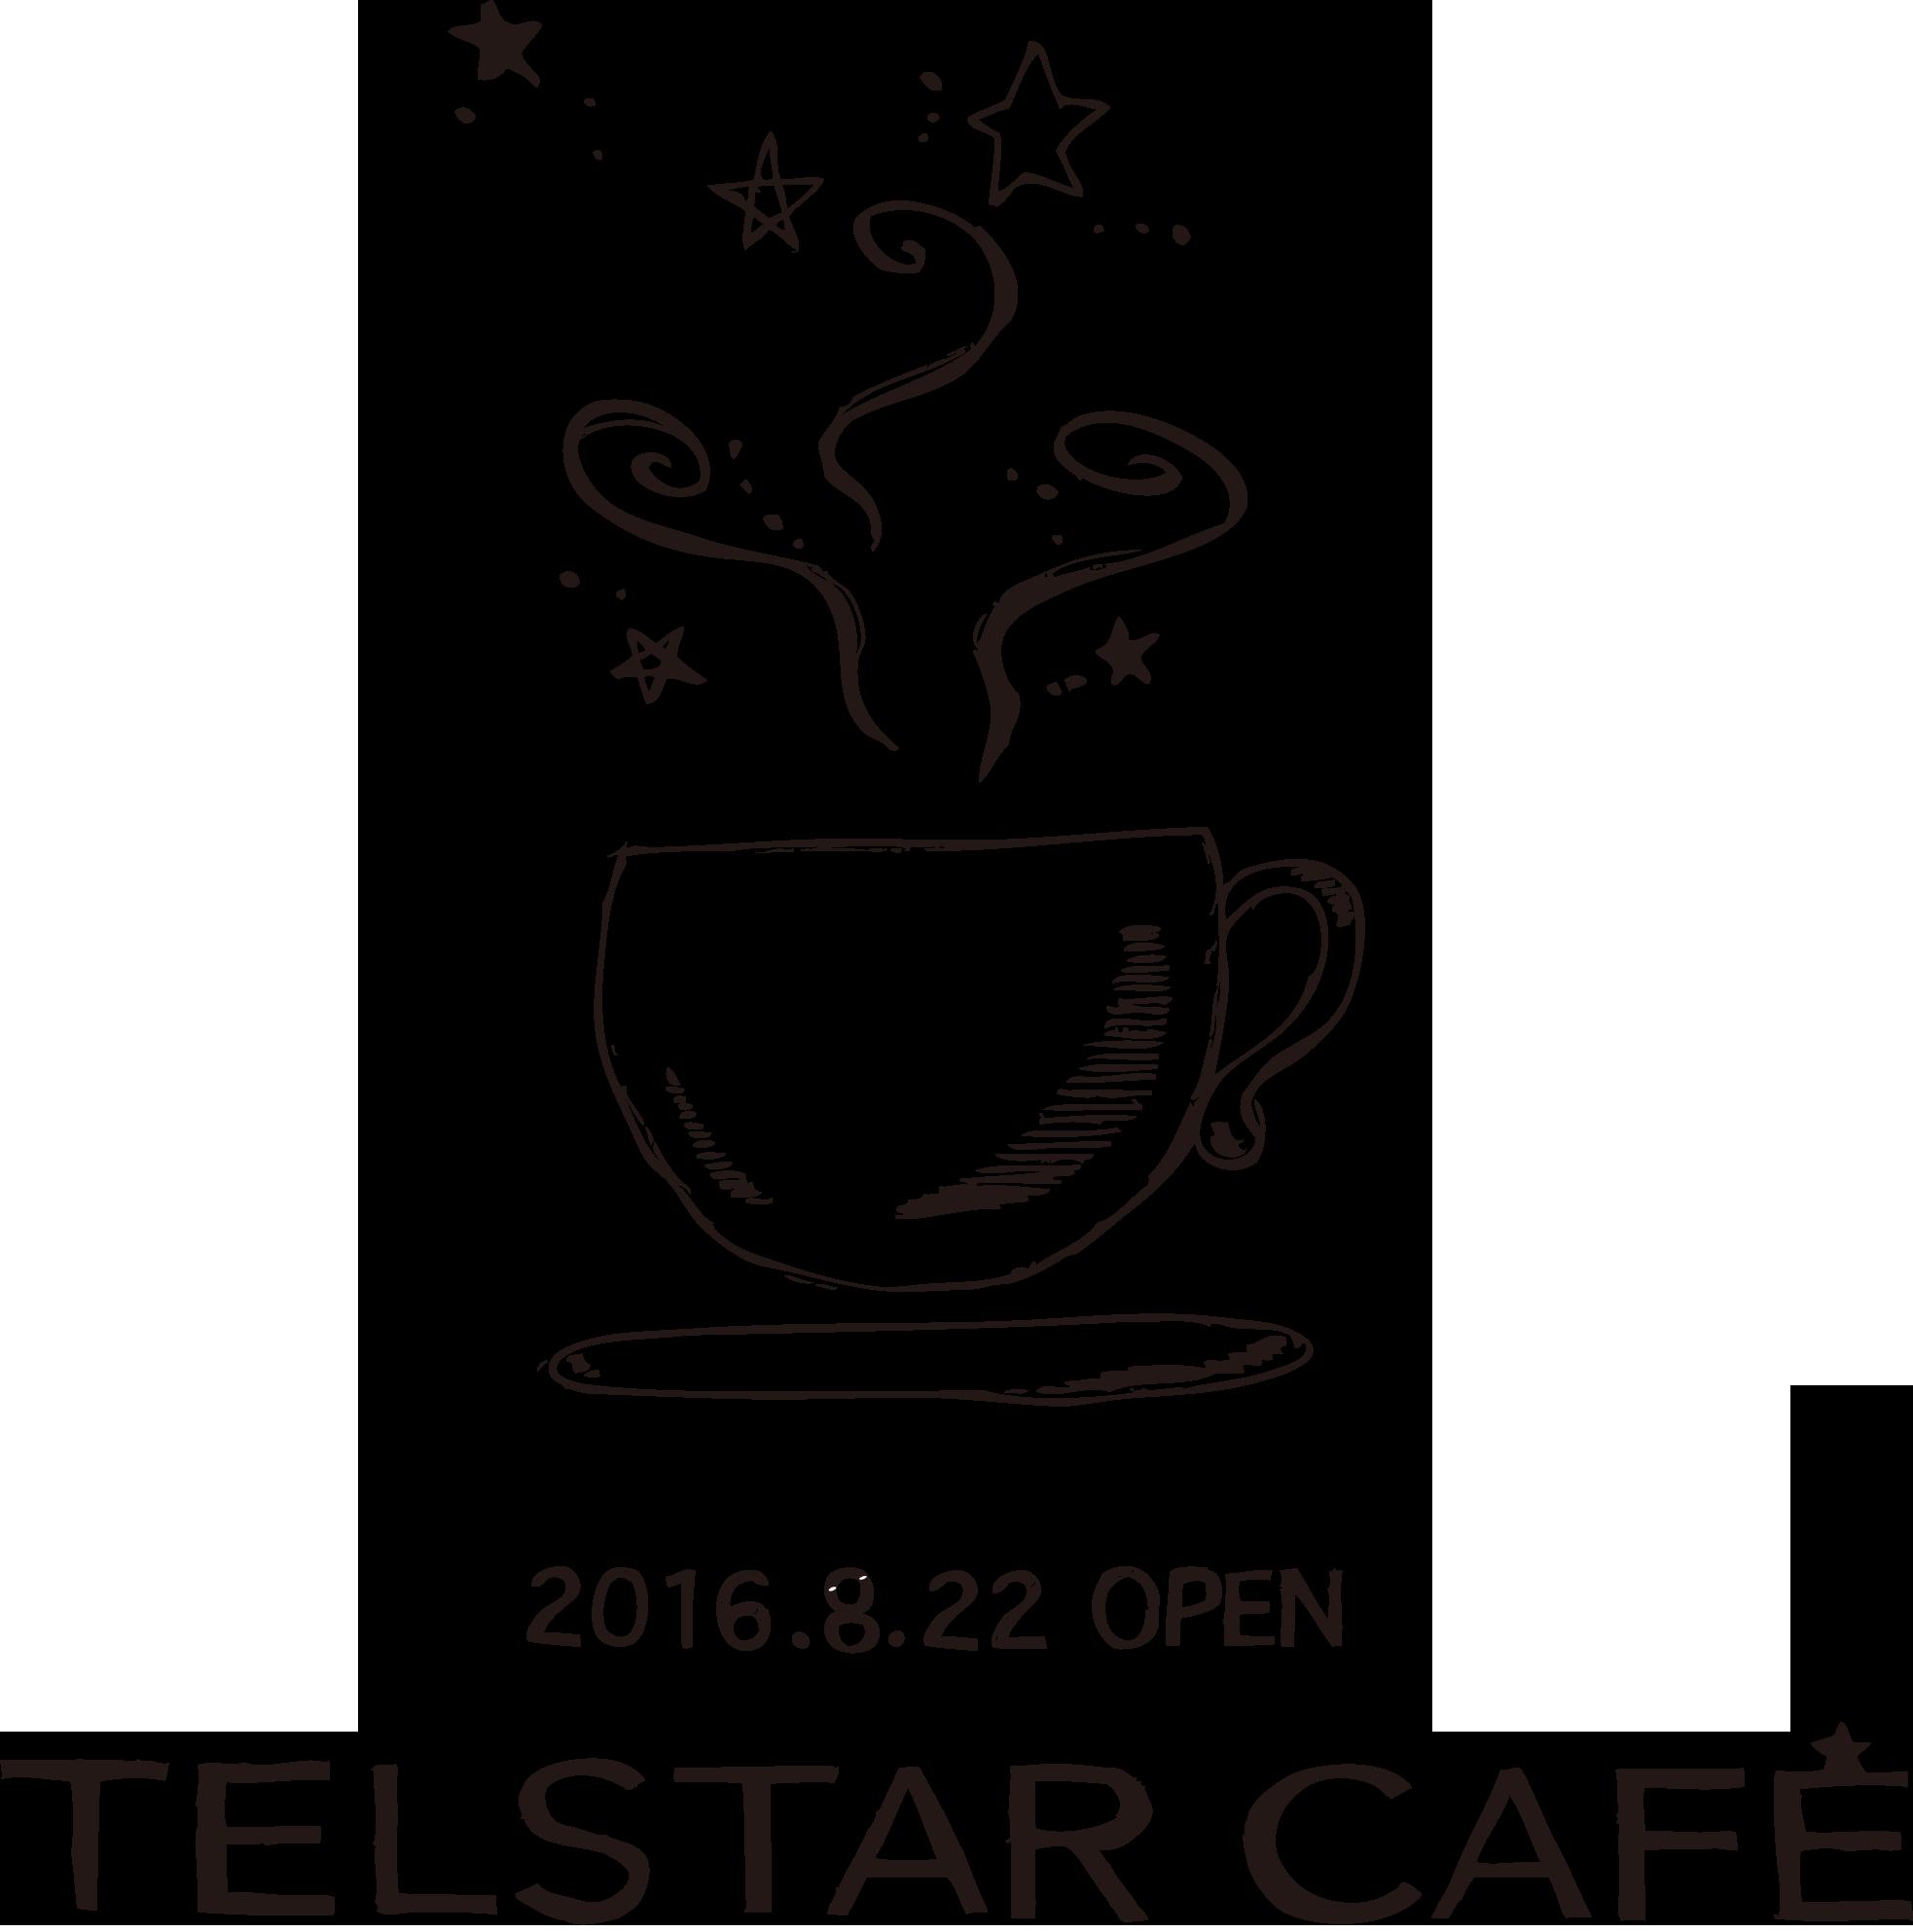 第8回TELSTAR cafe開催のお知らせ!